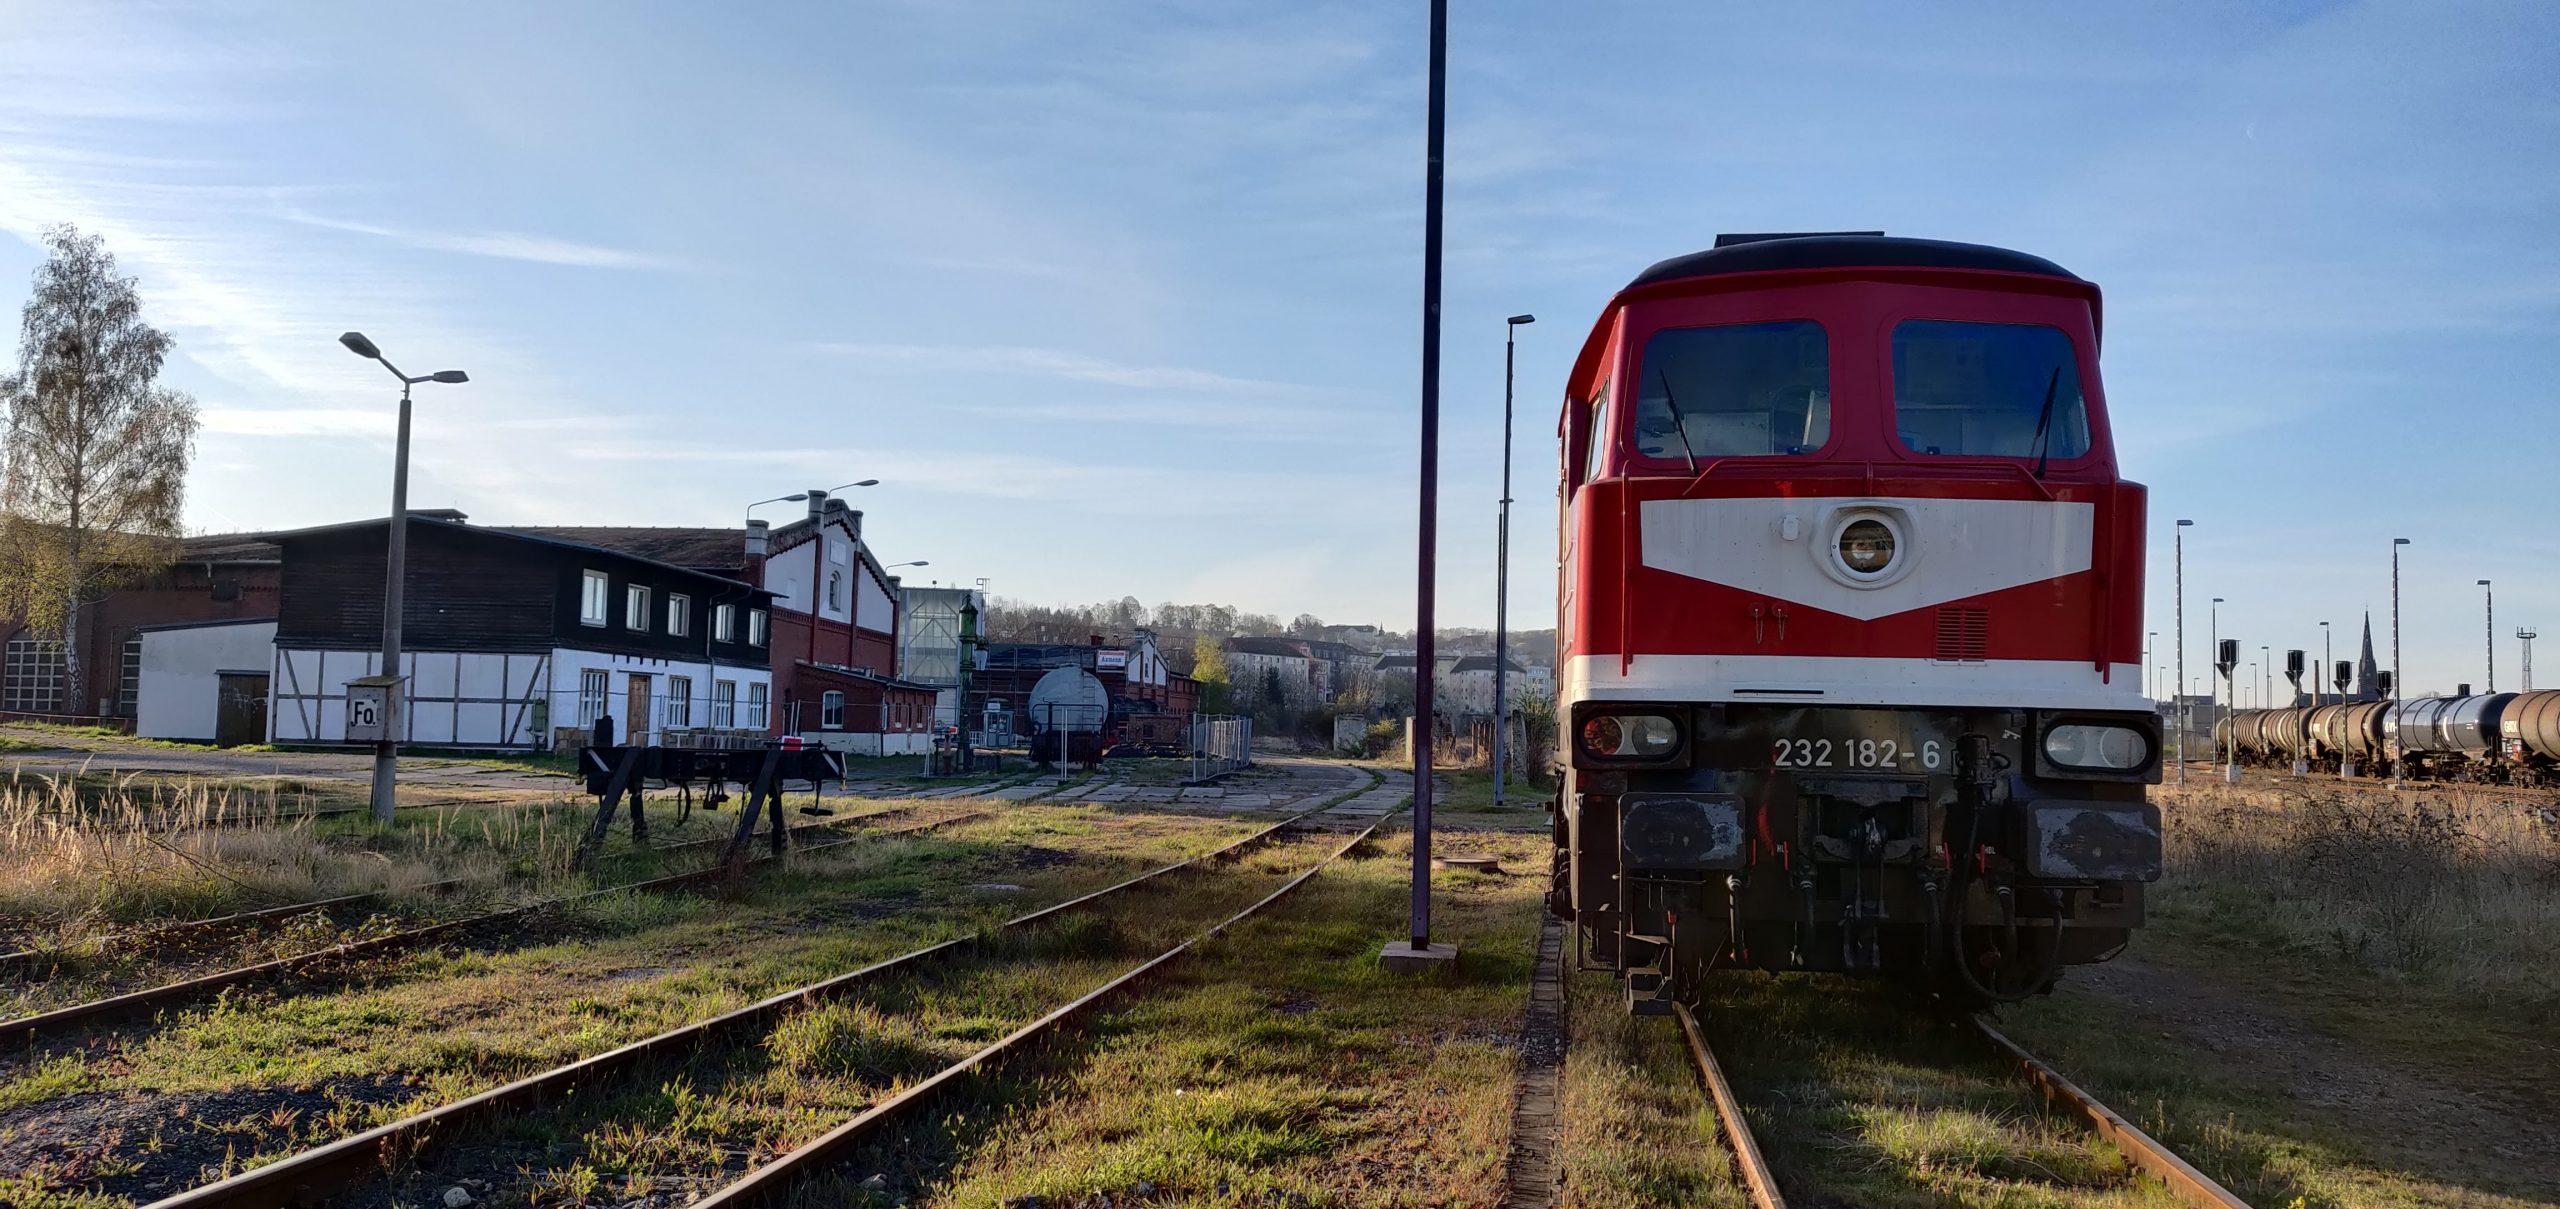 ©Foto: Christian Wörpel | railmen | Die BR232 182-6 in Gera Gbf am Museum Gera.Die Lok wurde 1975 an die DR ausgeliefert und lief bis 2009 bei DB Cargo bis sie Z-gestellt wurde. 2014 kaufte die LEG die Lok und arbeitet sie wieder auf. Seitdem ist sie im Raum Leipzig wieder unterwegs.